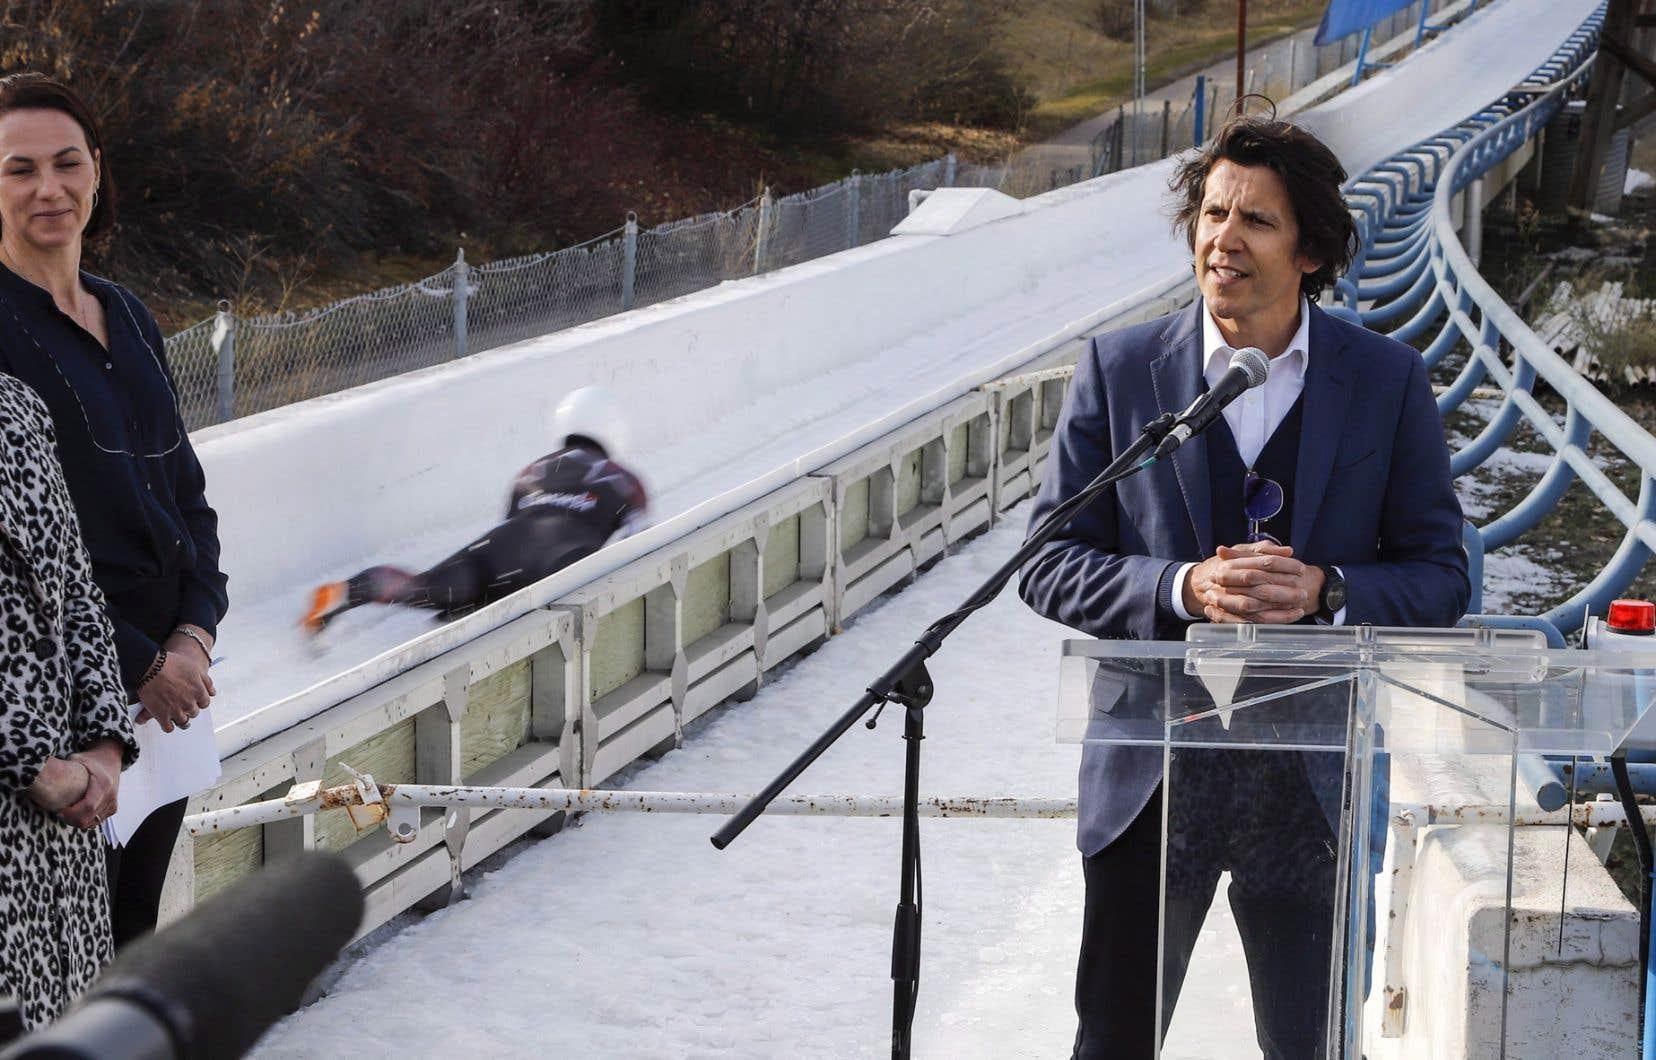 Le directeur exécutif du CIO pour les Jeux olympiques,Christophe Dubi, était à Calgary pour rencontrer des leaders économiques, avant le plébiscite du 13novembre.